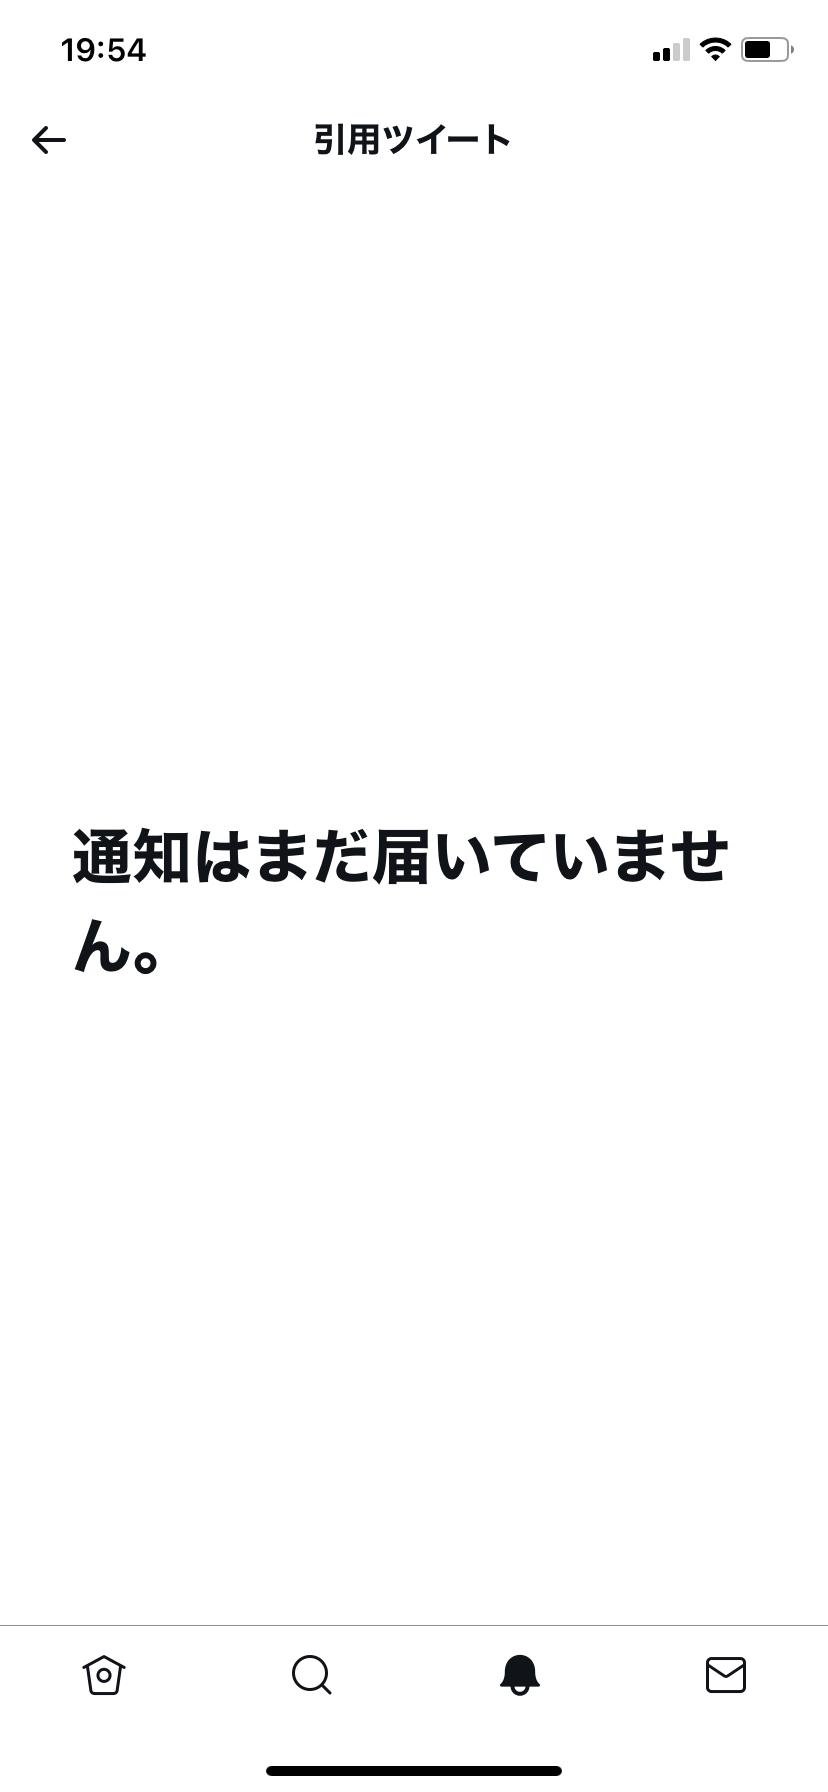 こわい。_f0143188_19551570.jpg